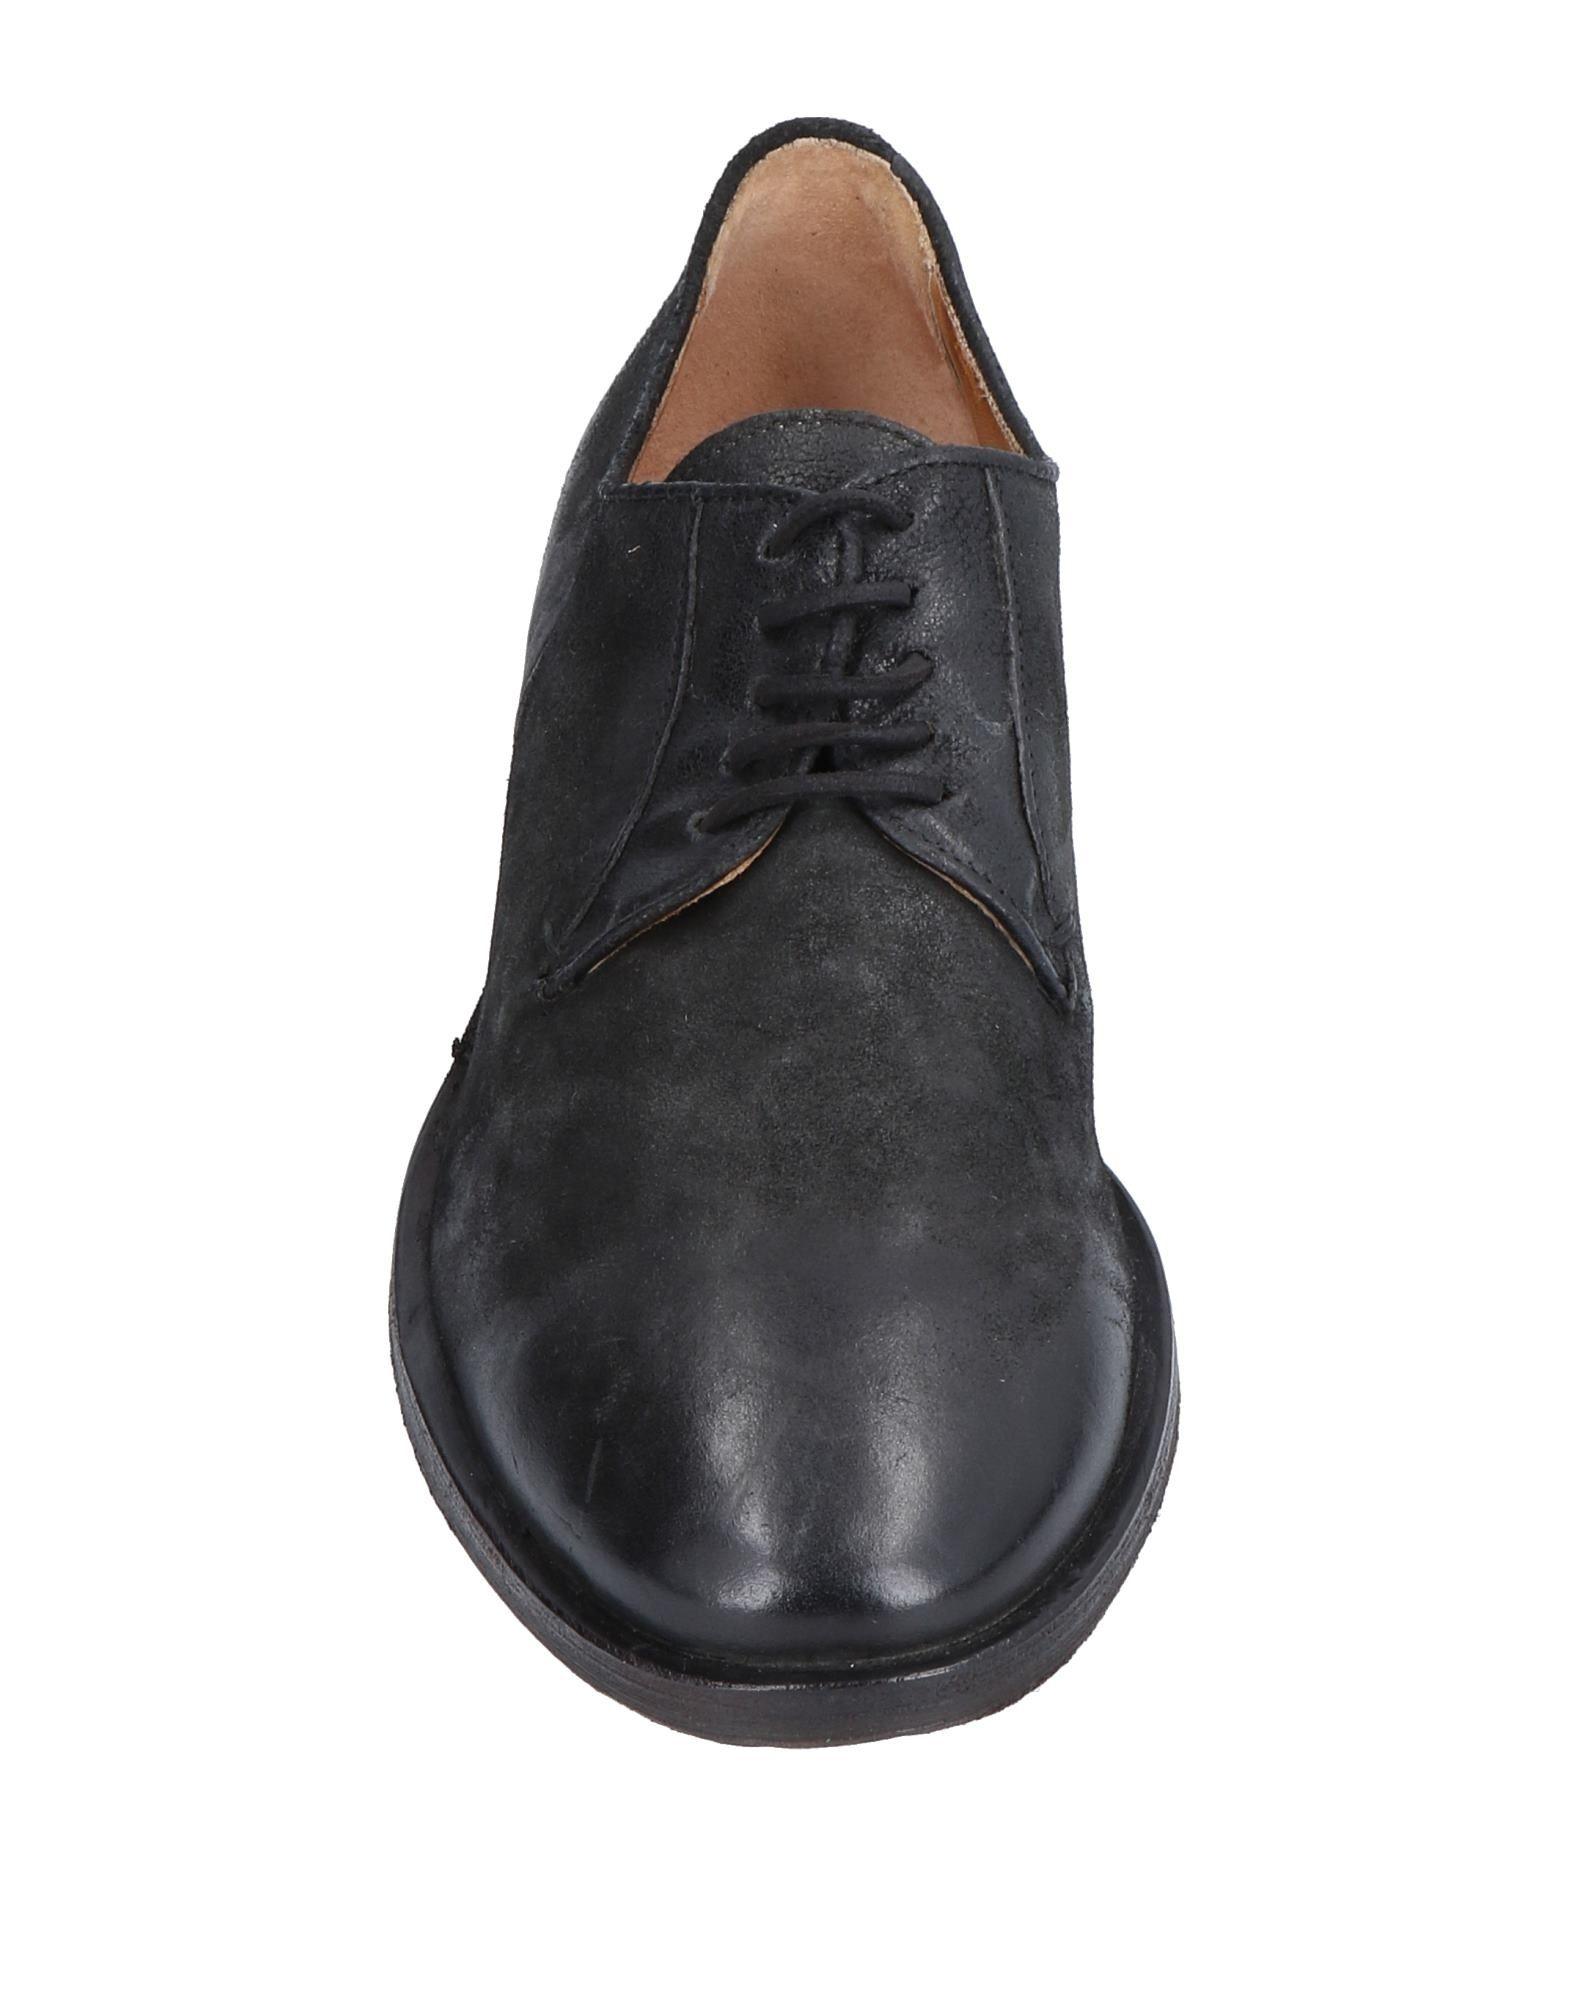 Rabatt echte Schuhe 98 A.S. 98 Schuhe Schnürschuhe Herren  11520236NC cff468